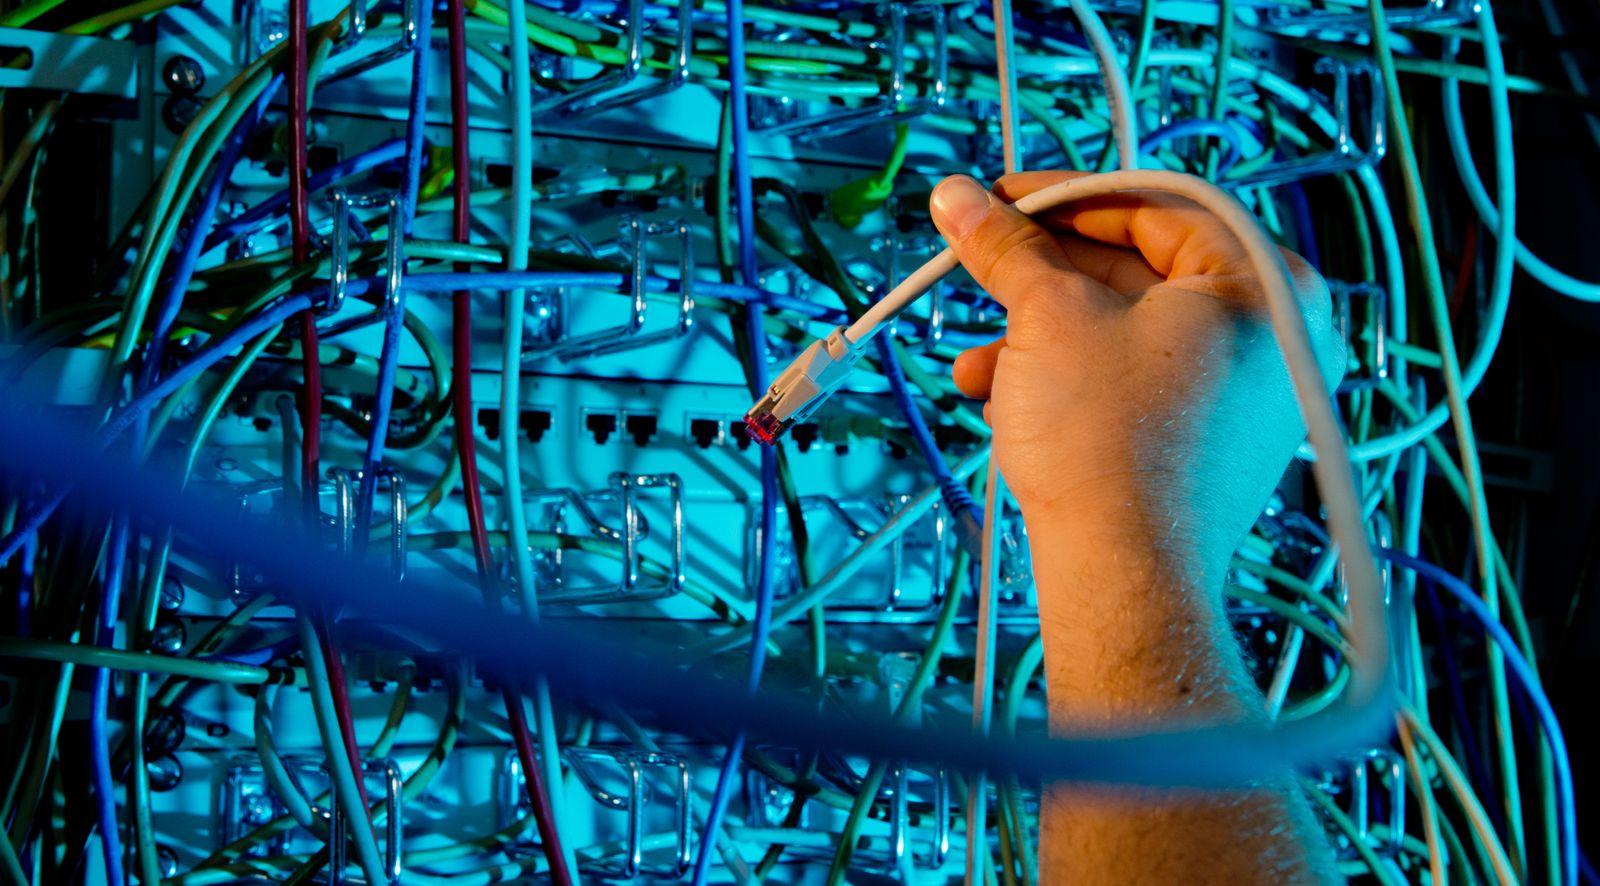 Breitbandversorgung / Breitband / Internet / Netzwerkkabel